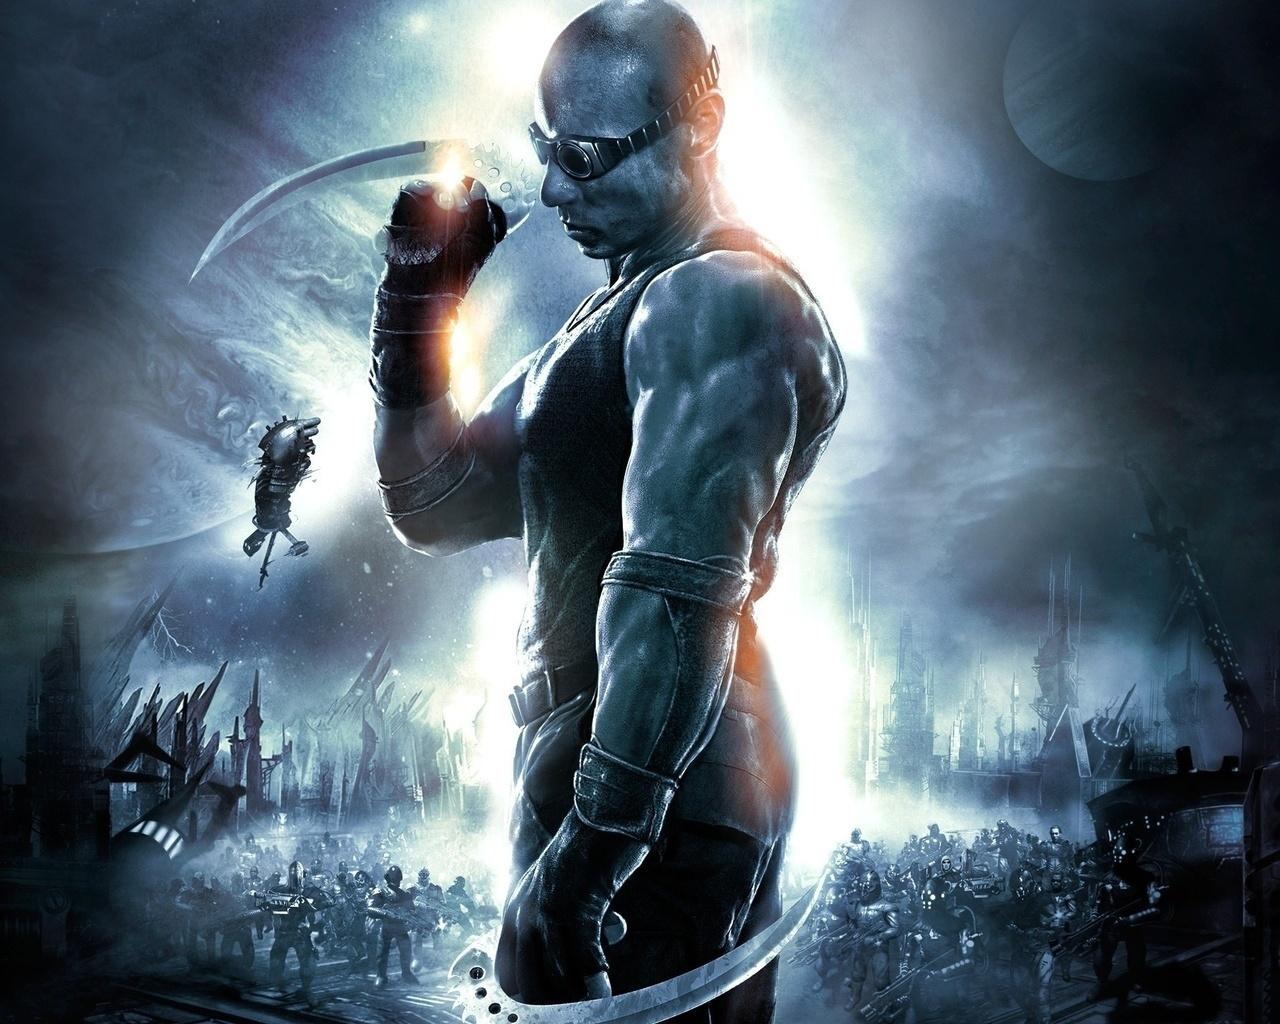 44279 скачать обои Кино, Люди, Вин Дизель (Vin Diesel) - заставки и картинки бесплатно